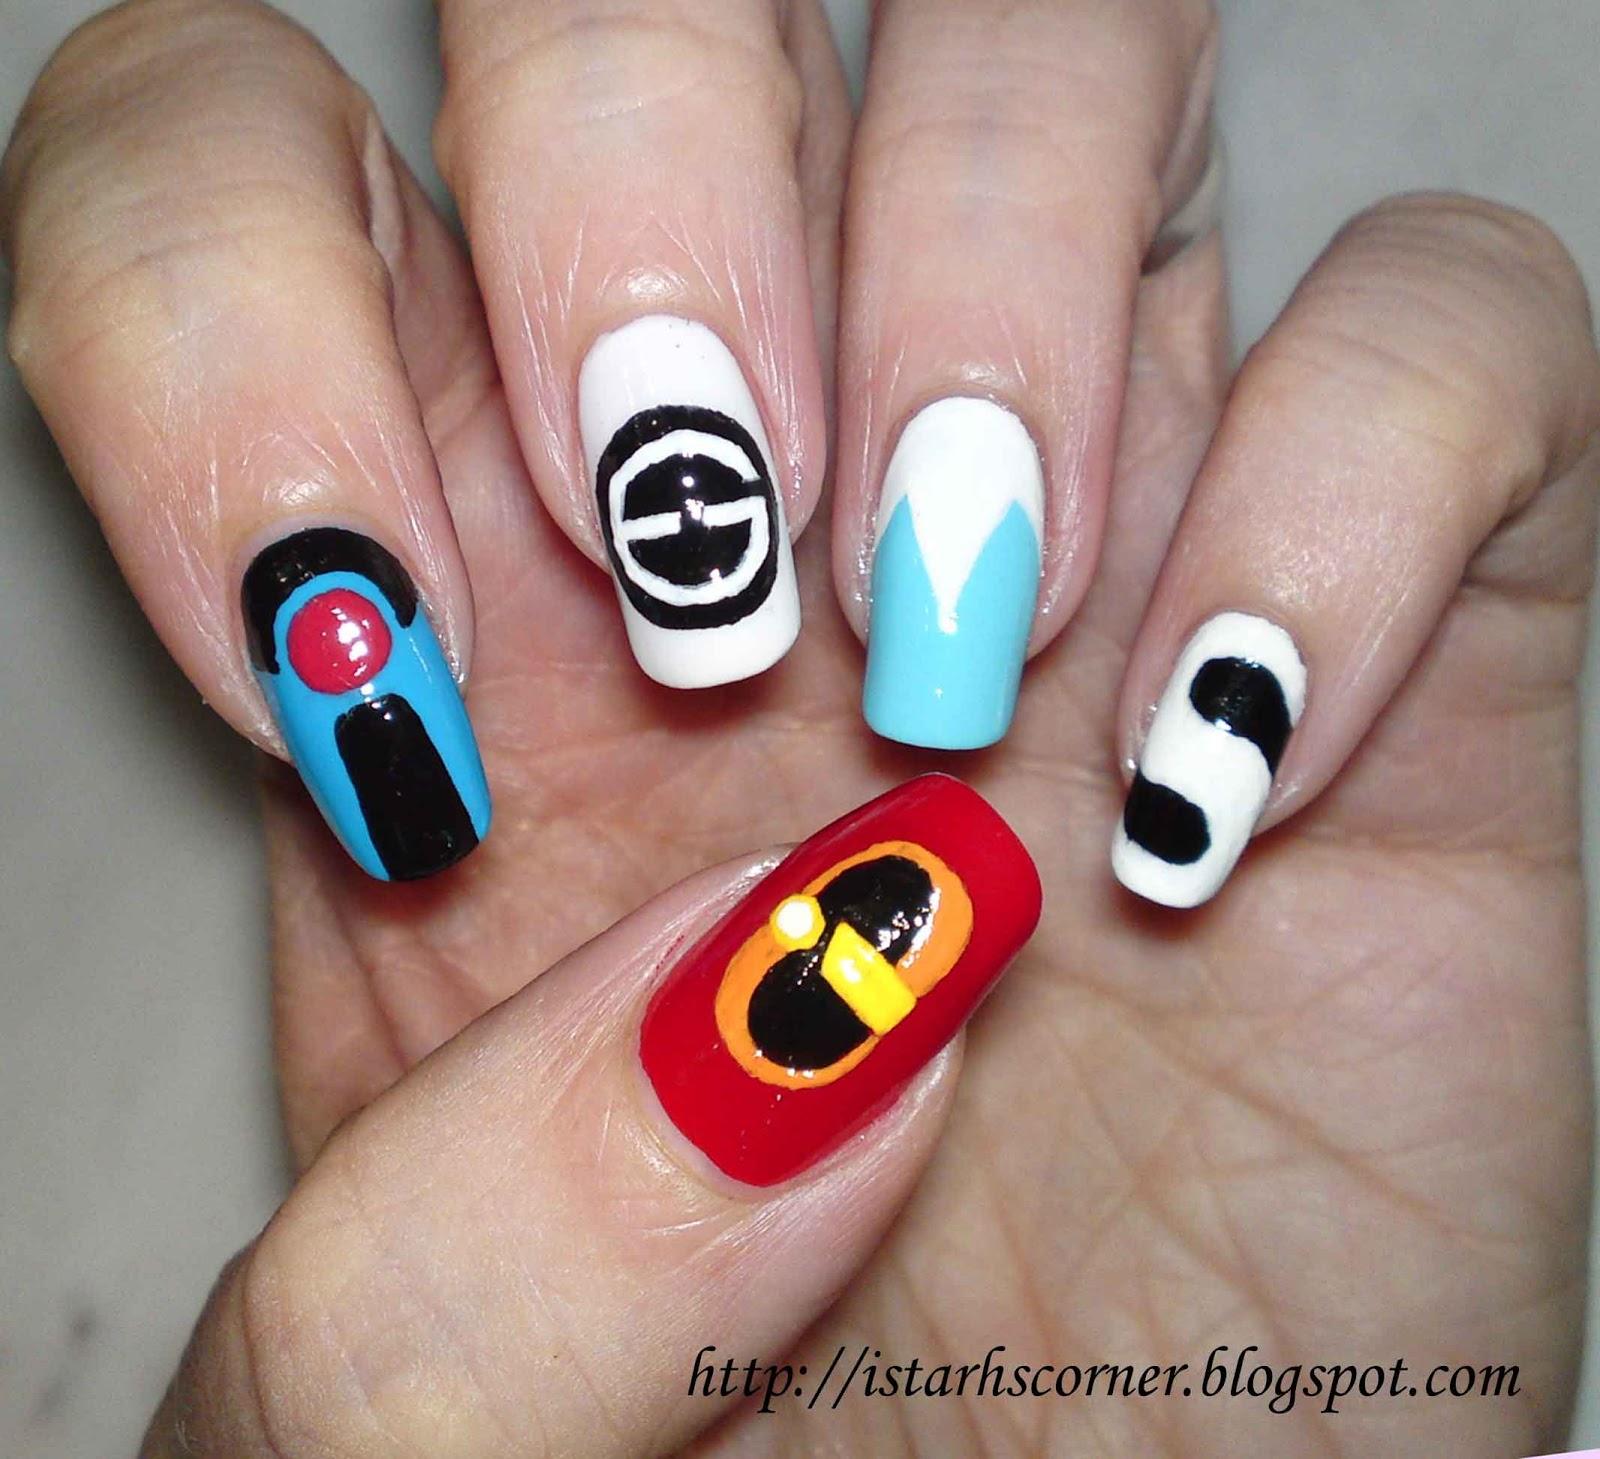 Q Riouser Q Riouser Nail Art: จับพลังลงเล็บ Incredibles Nails Art ลายเล็บครอบครัวมหัศจ